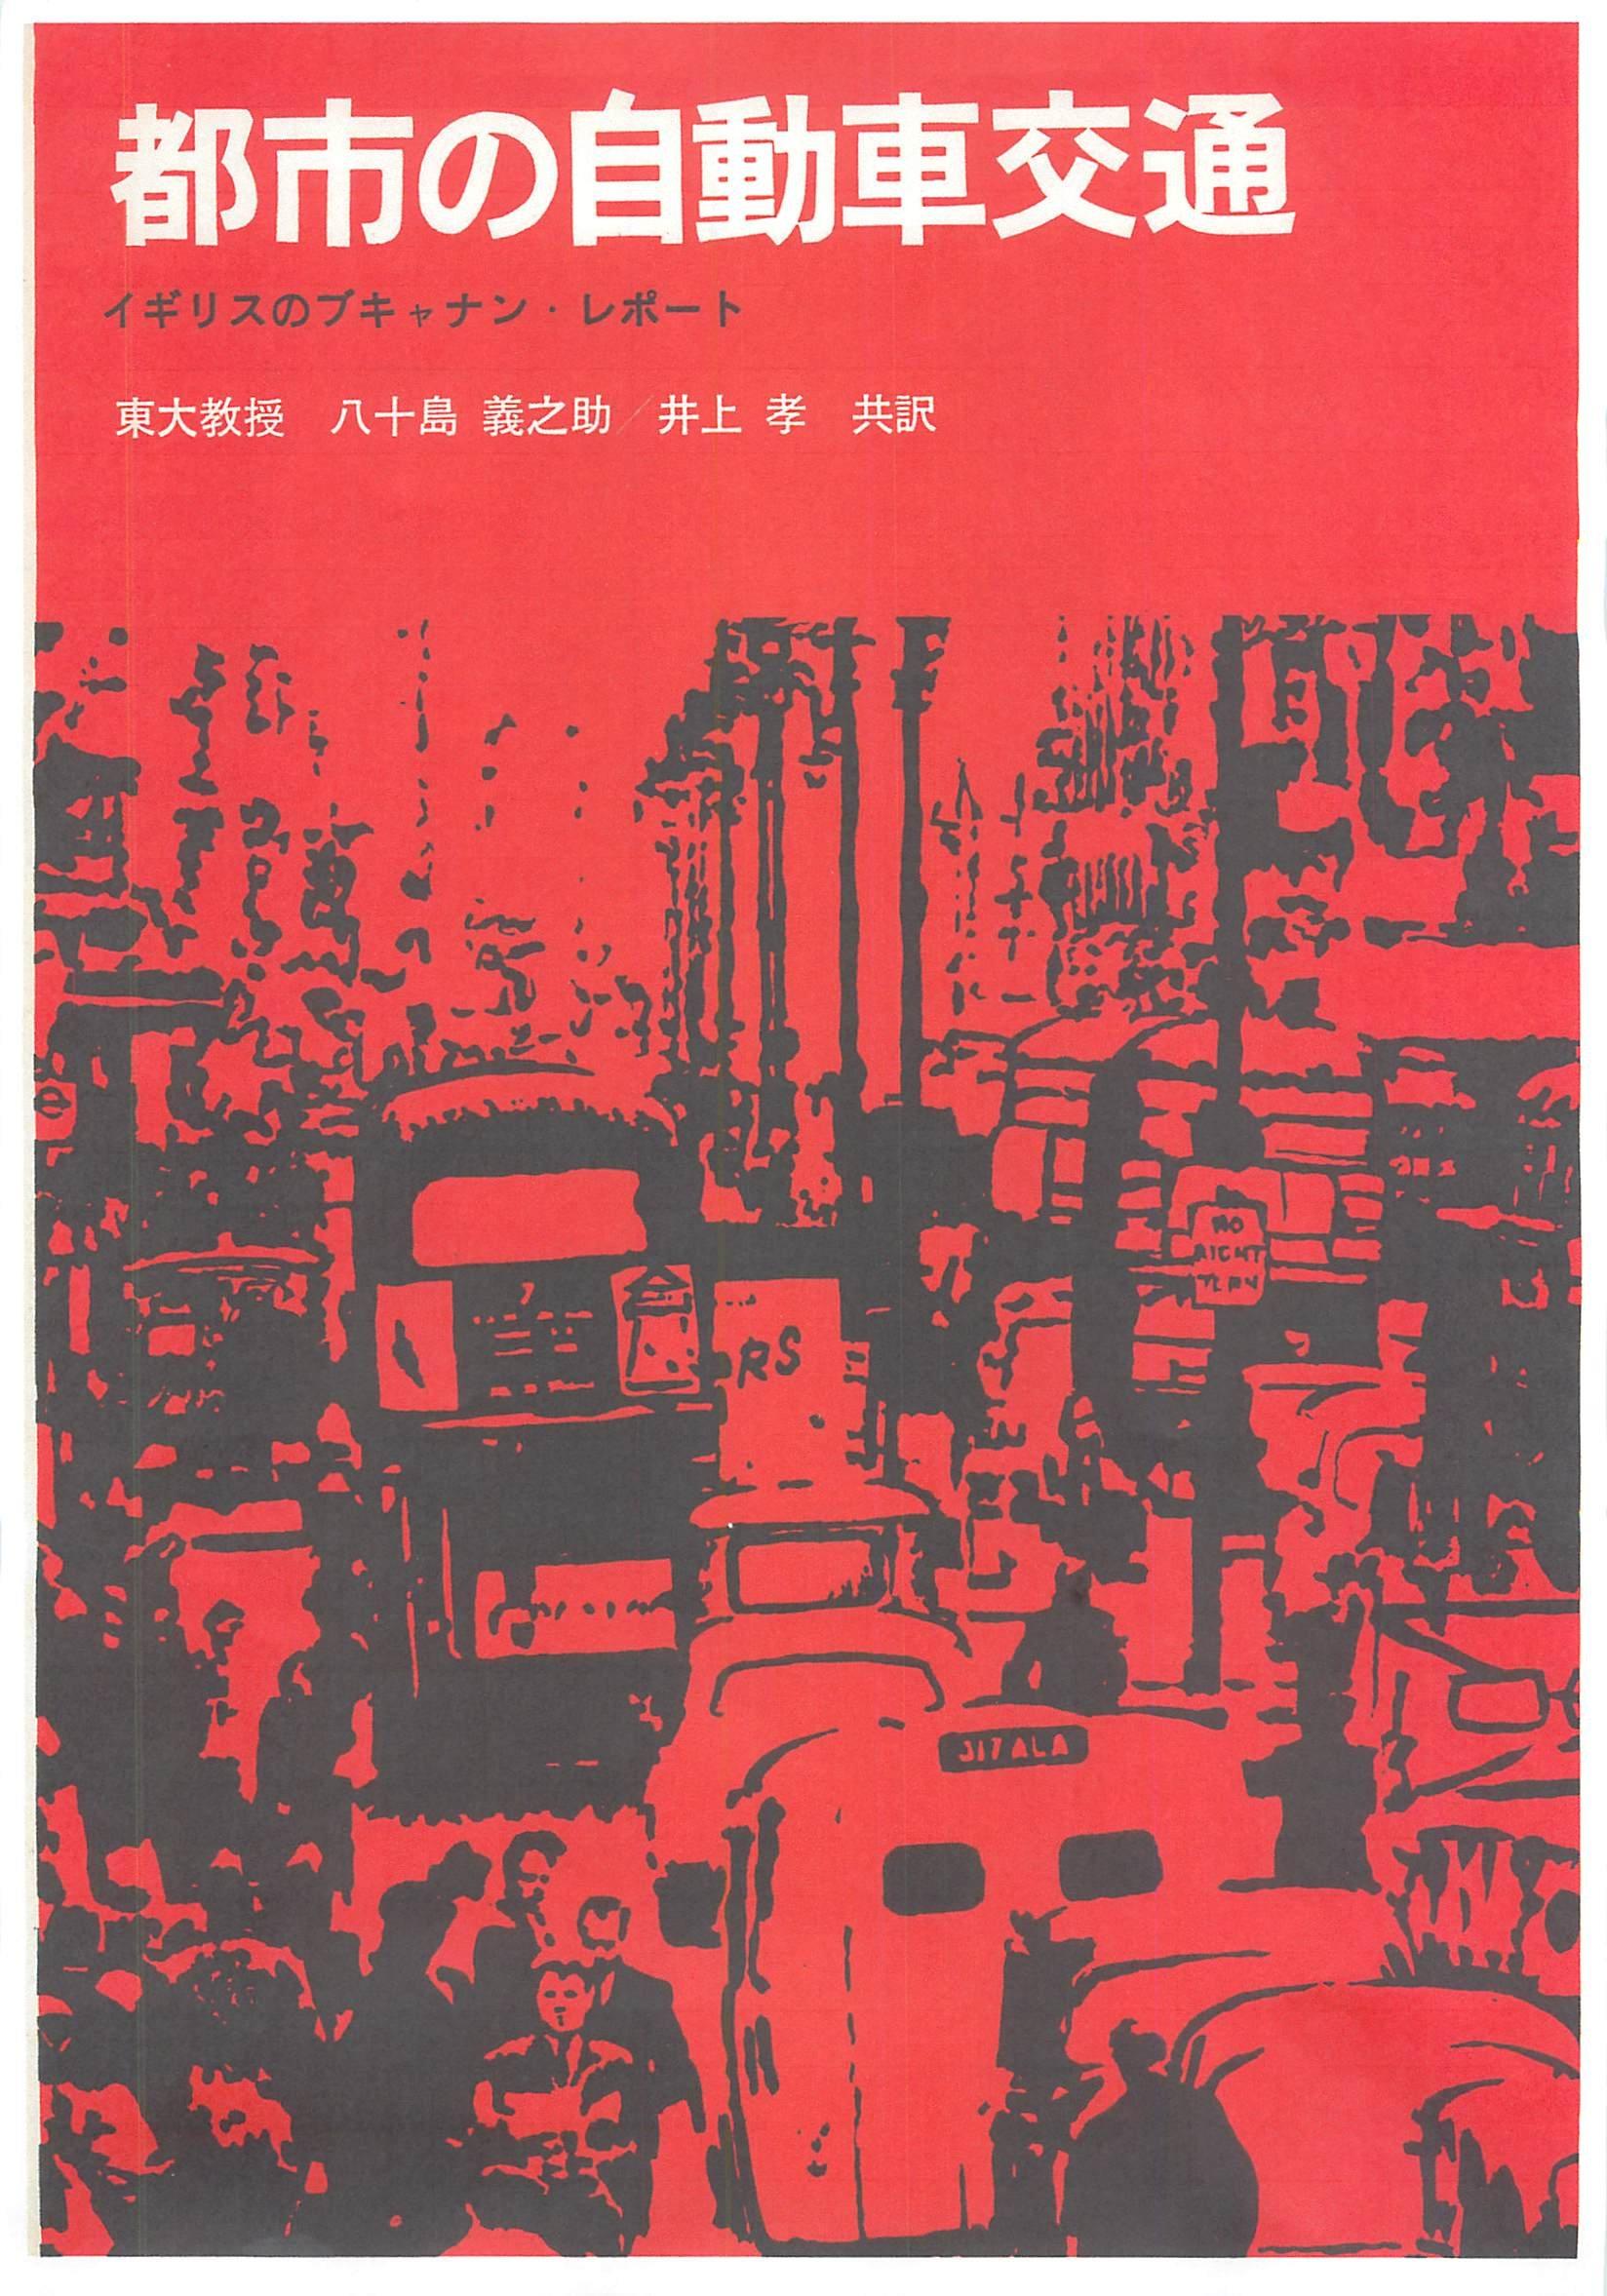 都市の自動車交通(Traffic in Towns)